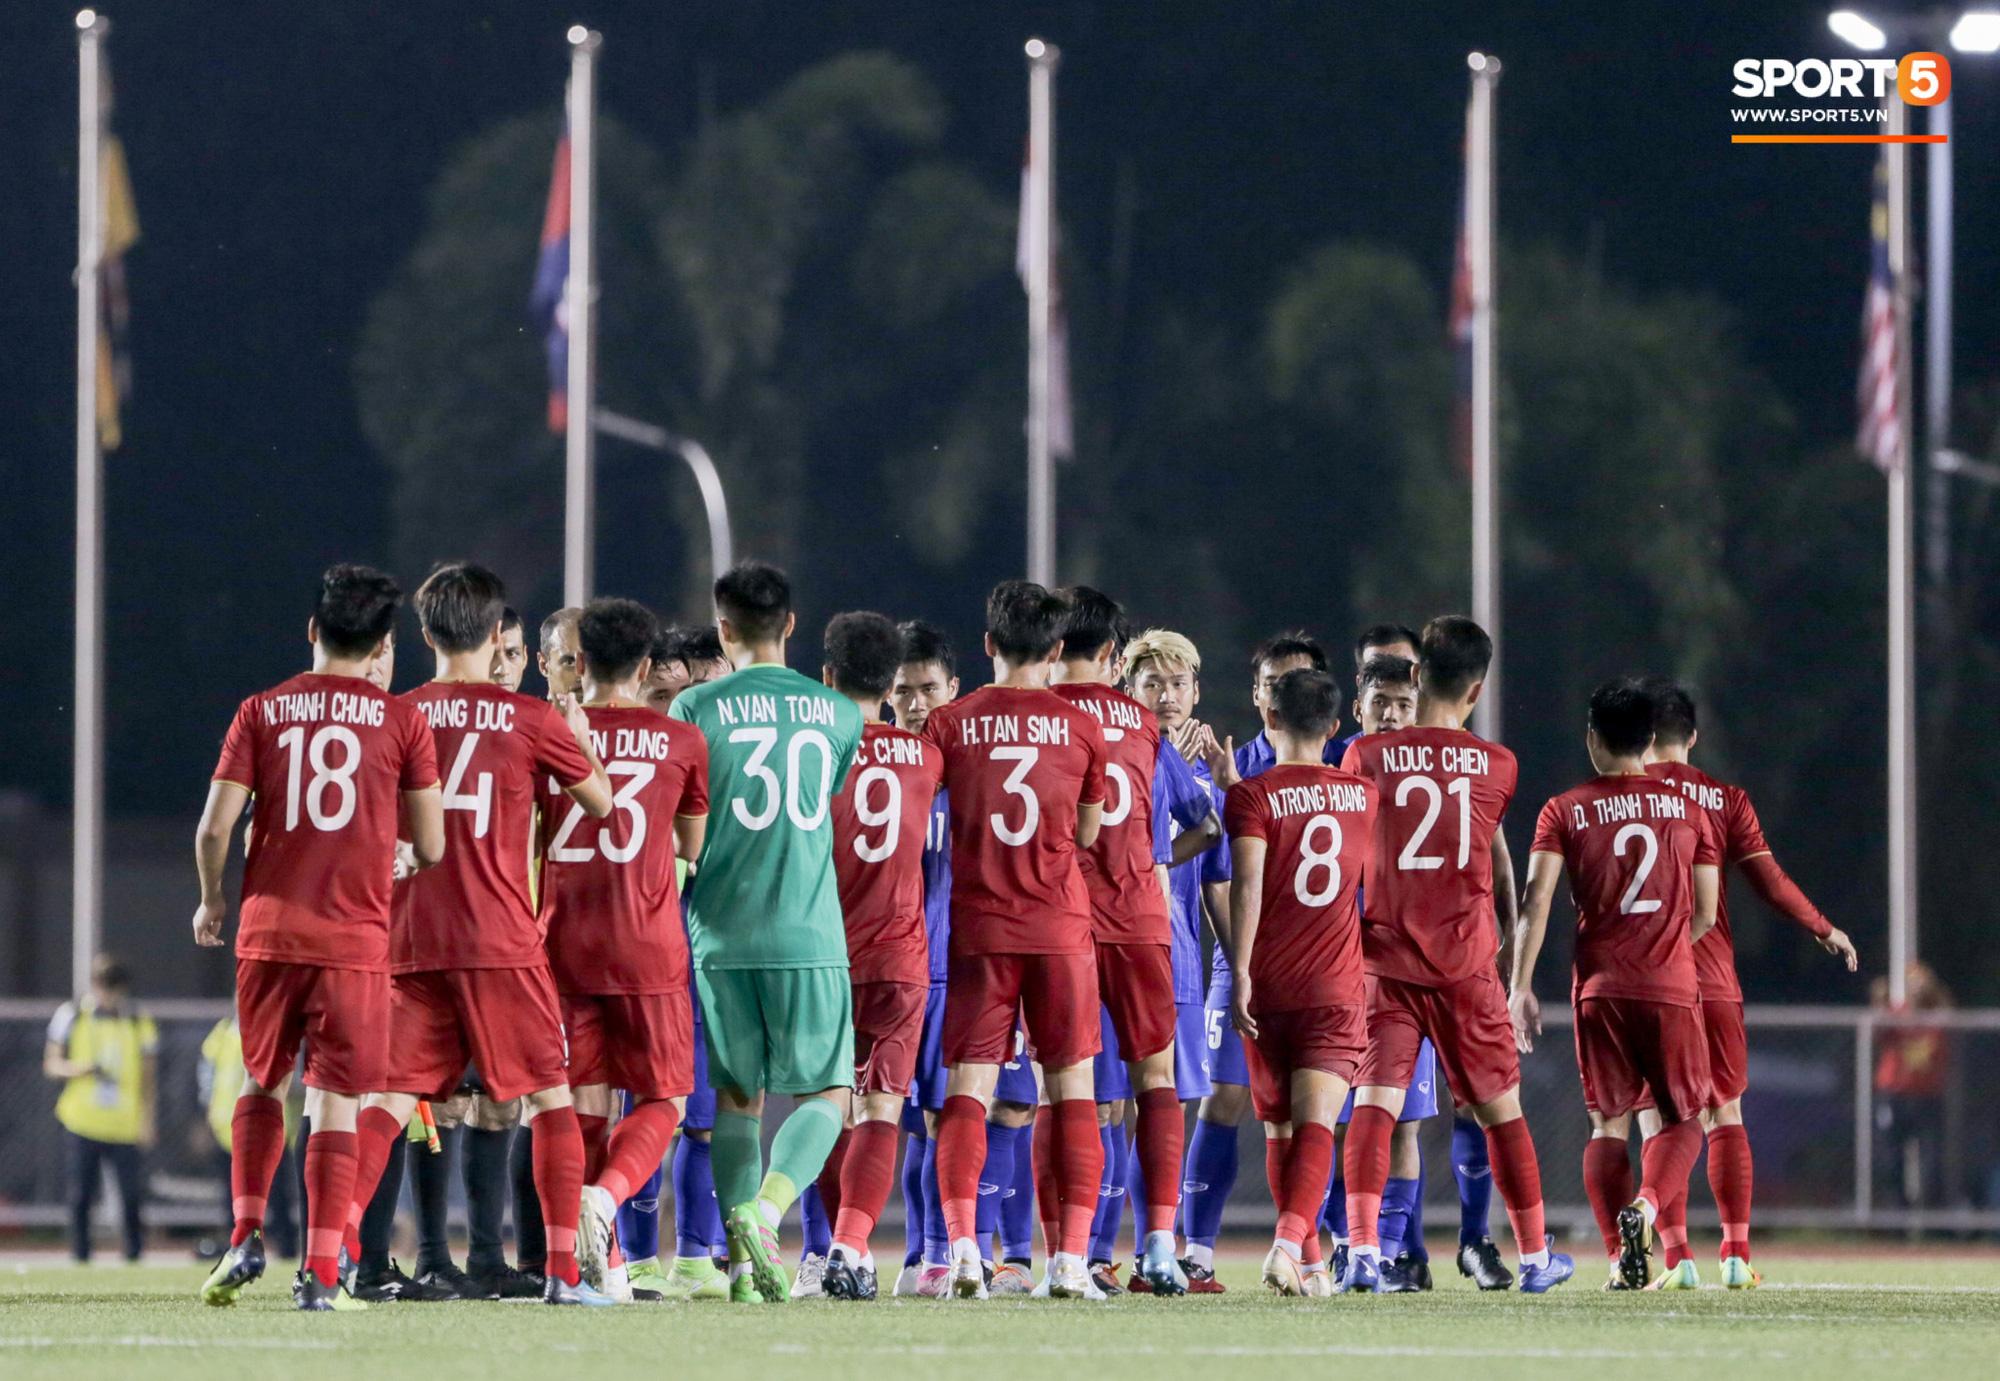 HLV U22 Thái Lan chủ động sang bắt tay thầy Park, hẹn phân thắng bại ở trận tiếp theo sau 3 lần toàn hoà - Ảnh 7.